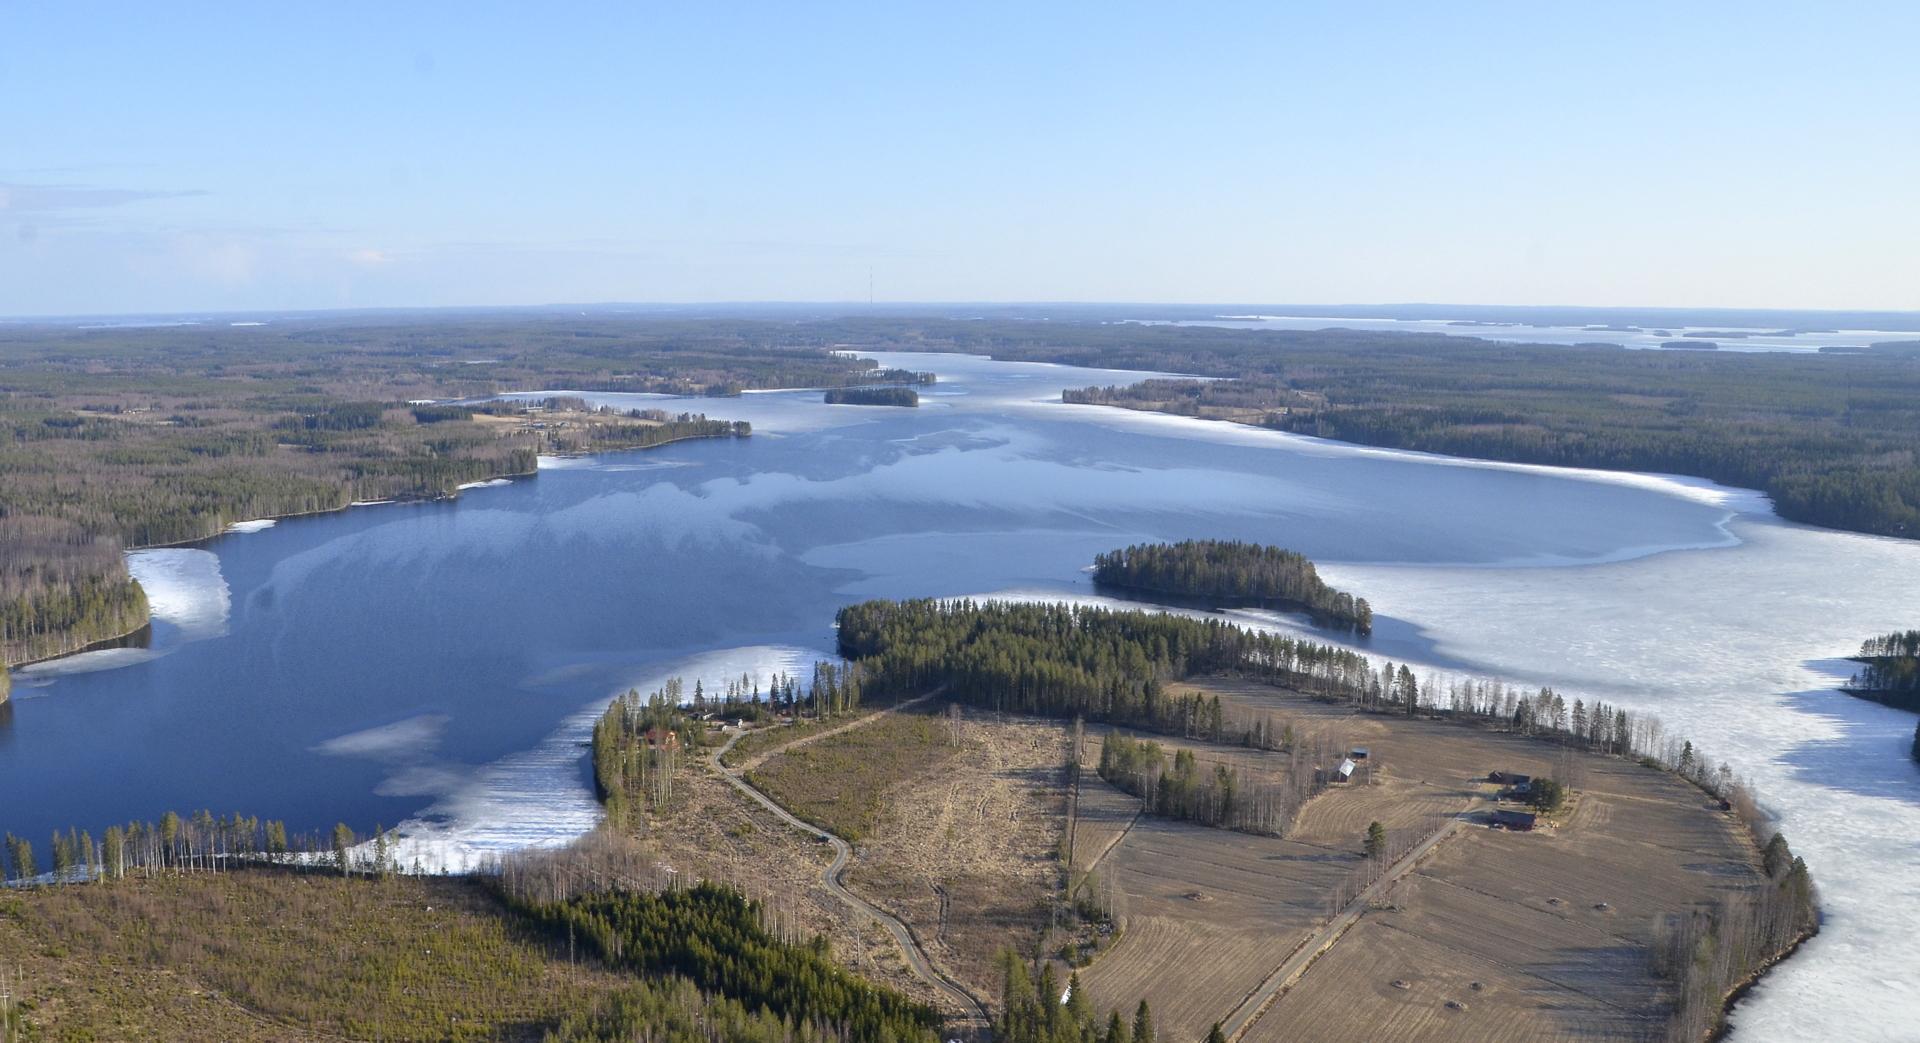 Vielä vilkaisu Löytänäjärven yli Ilosjoen suuntaan, jossa kohta pyörii tuulimyllyt?